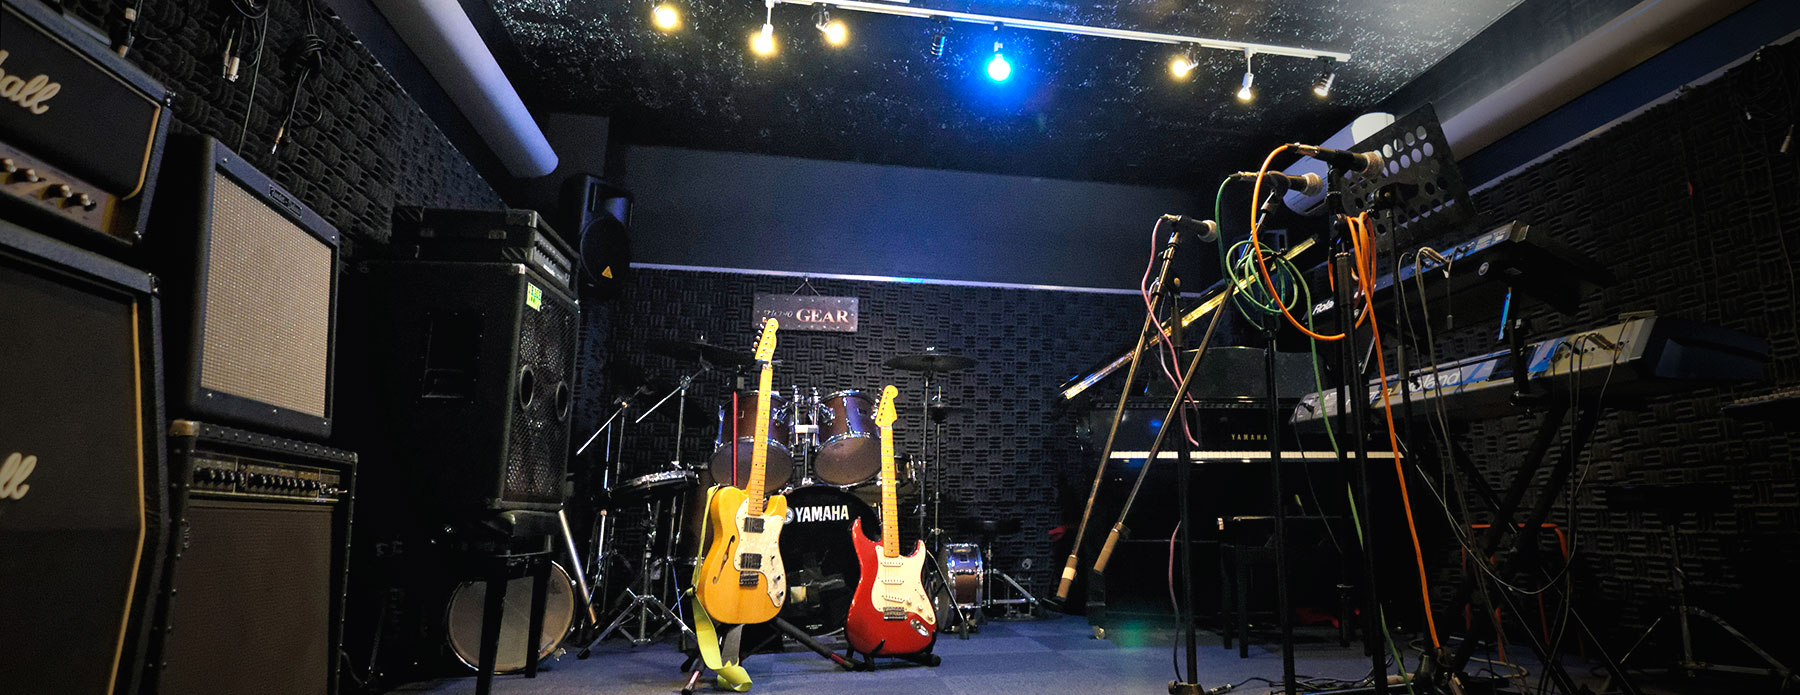 スタジオのイメージ